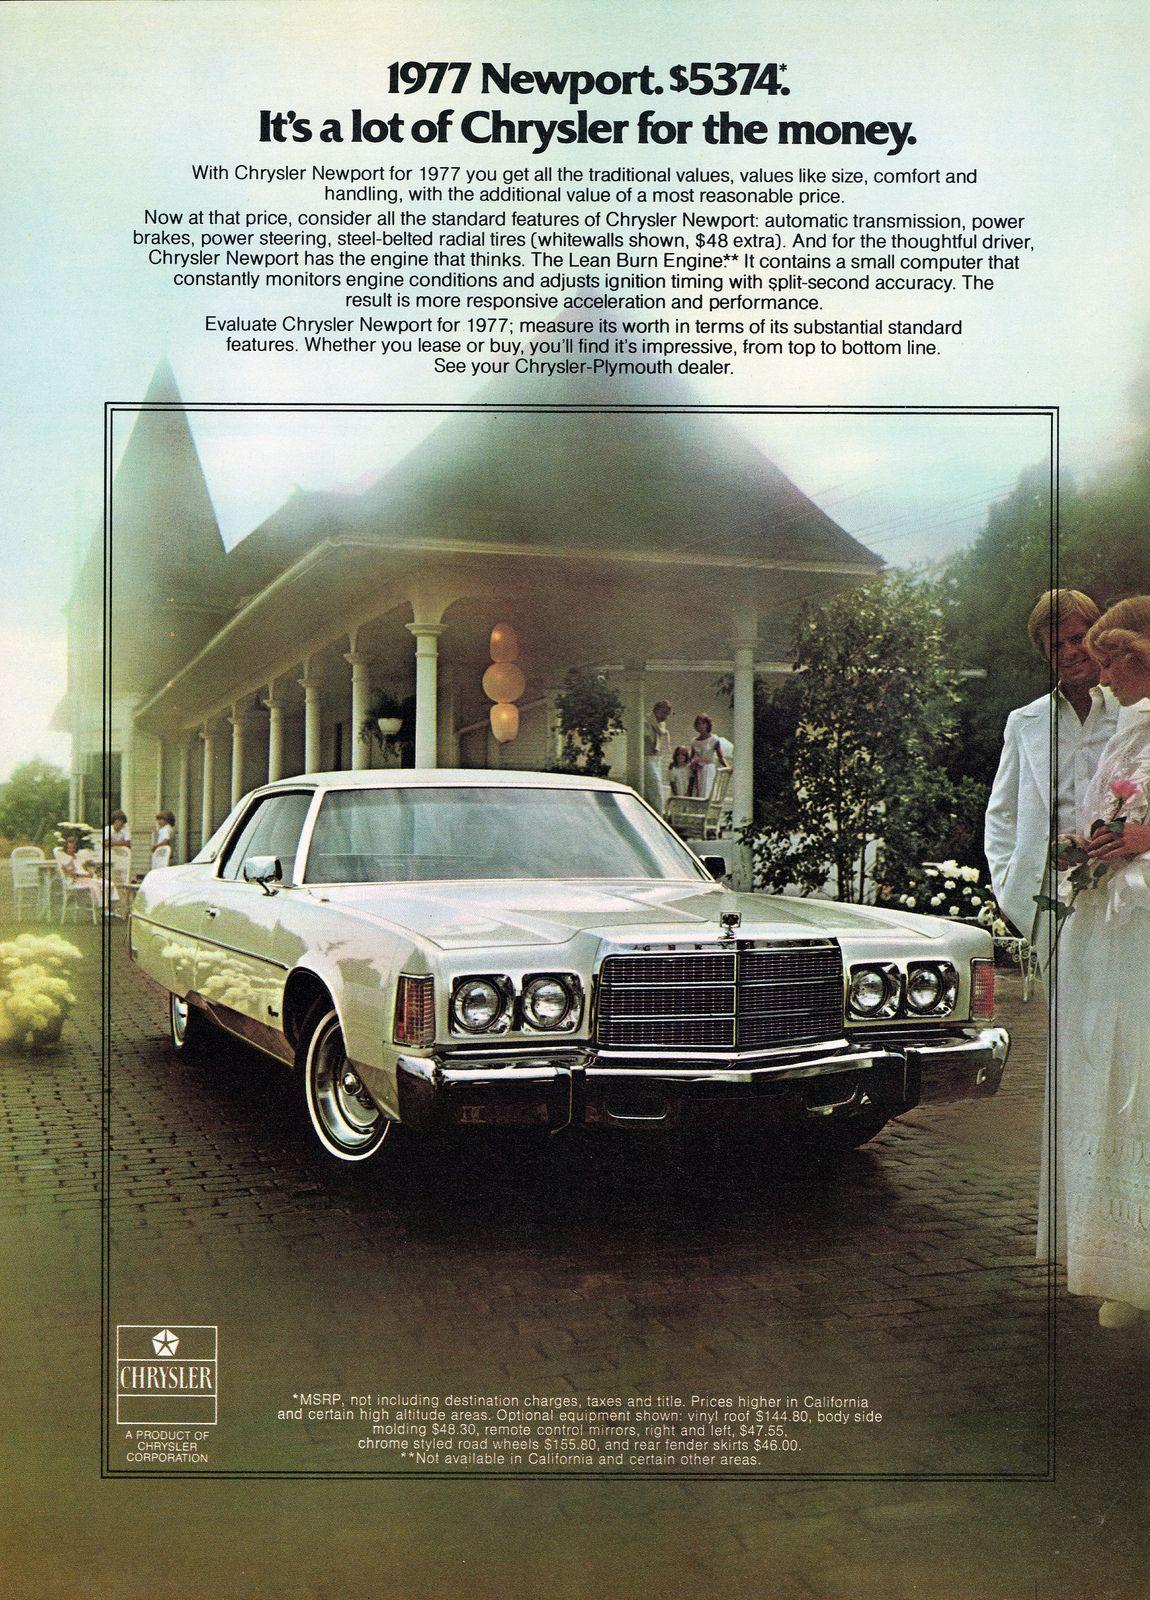 1977 Chrysler Newport 2 Door Hardtop With Images Chrysler